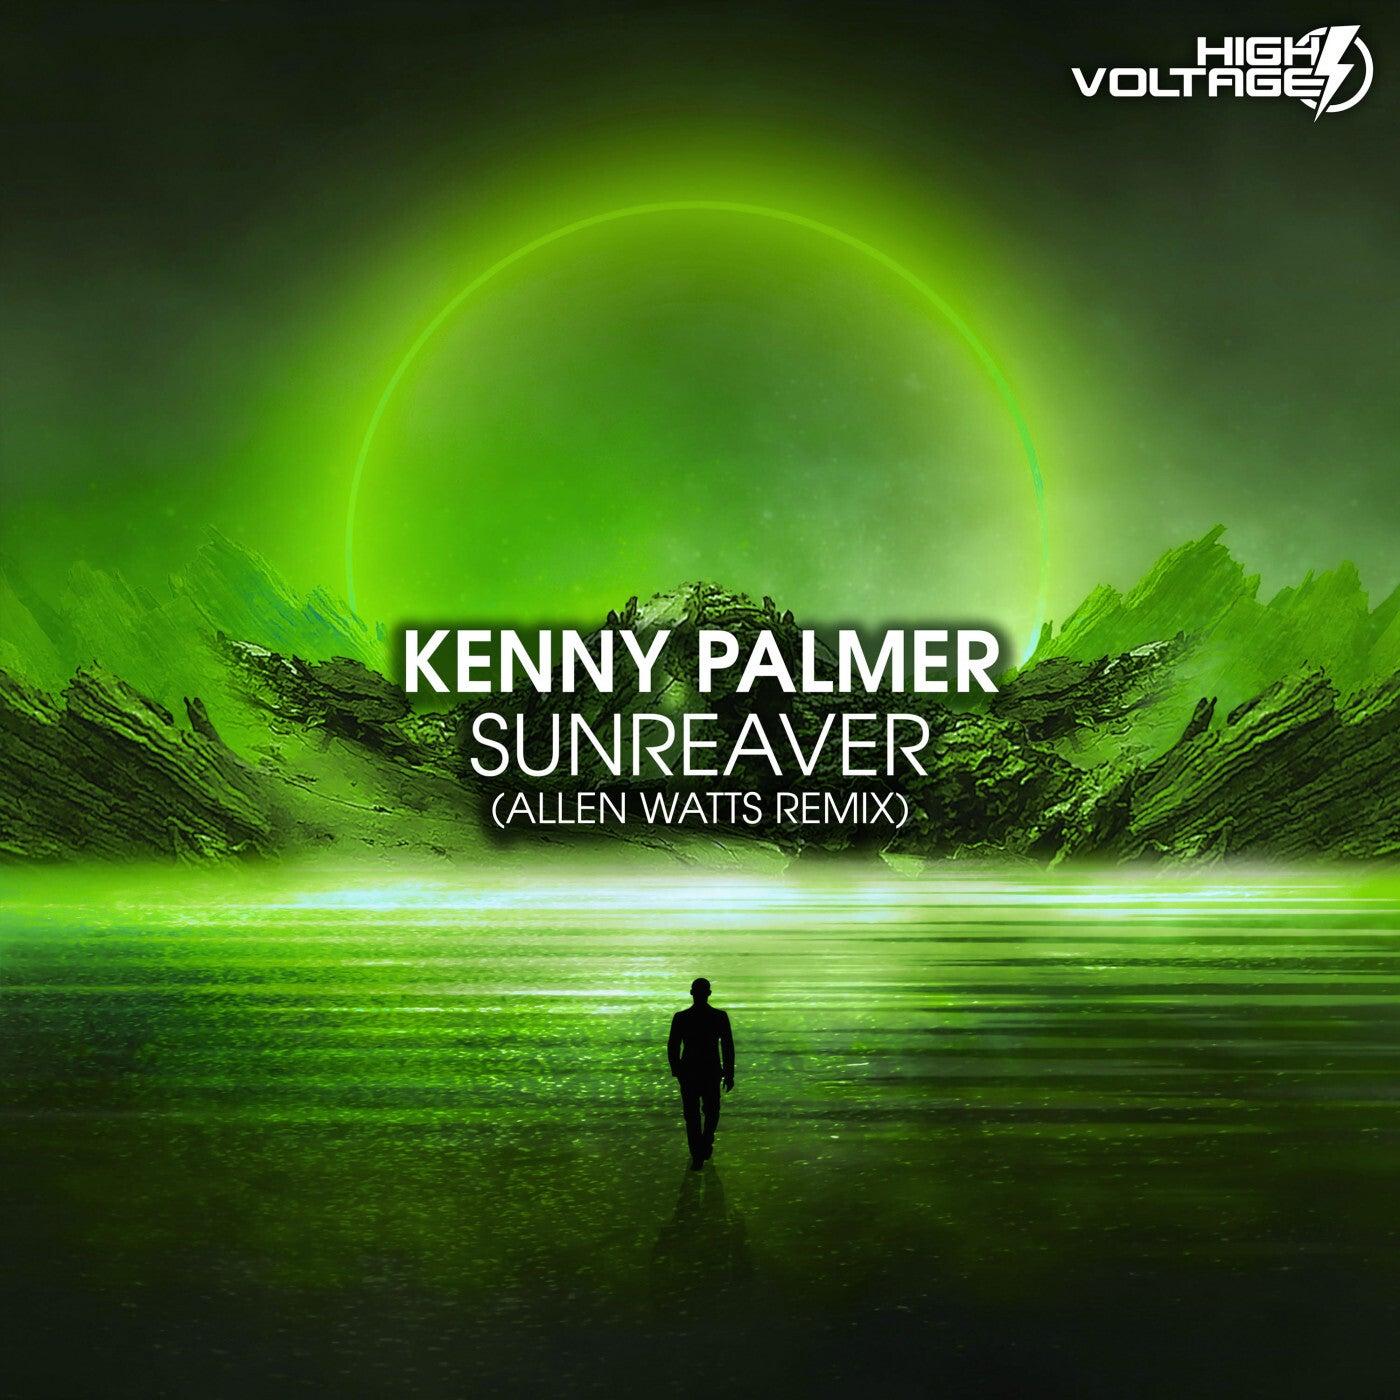 Sunreaver (Allen Watts Remix) (Extended)